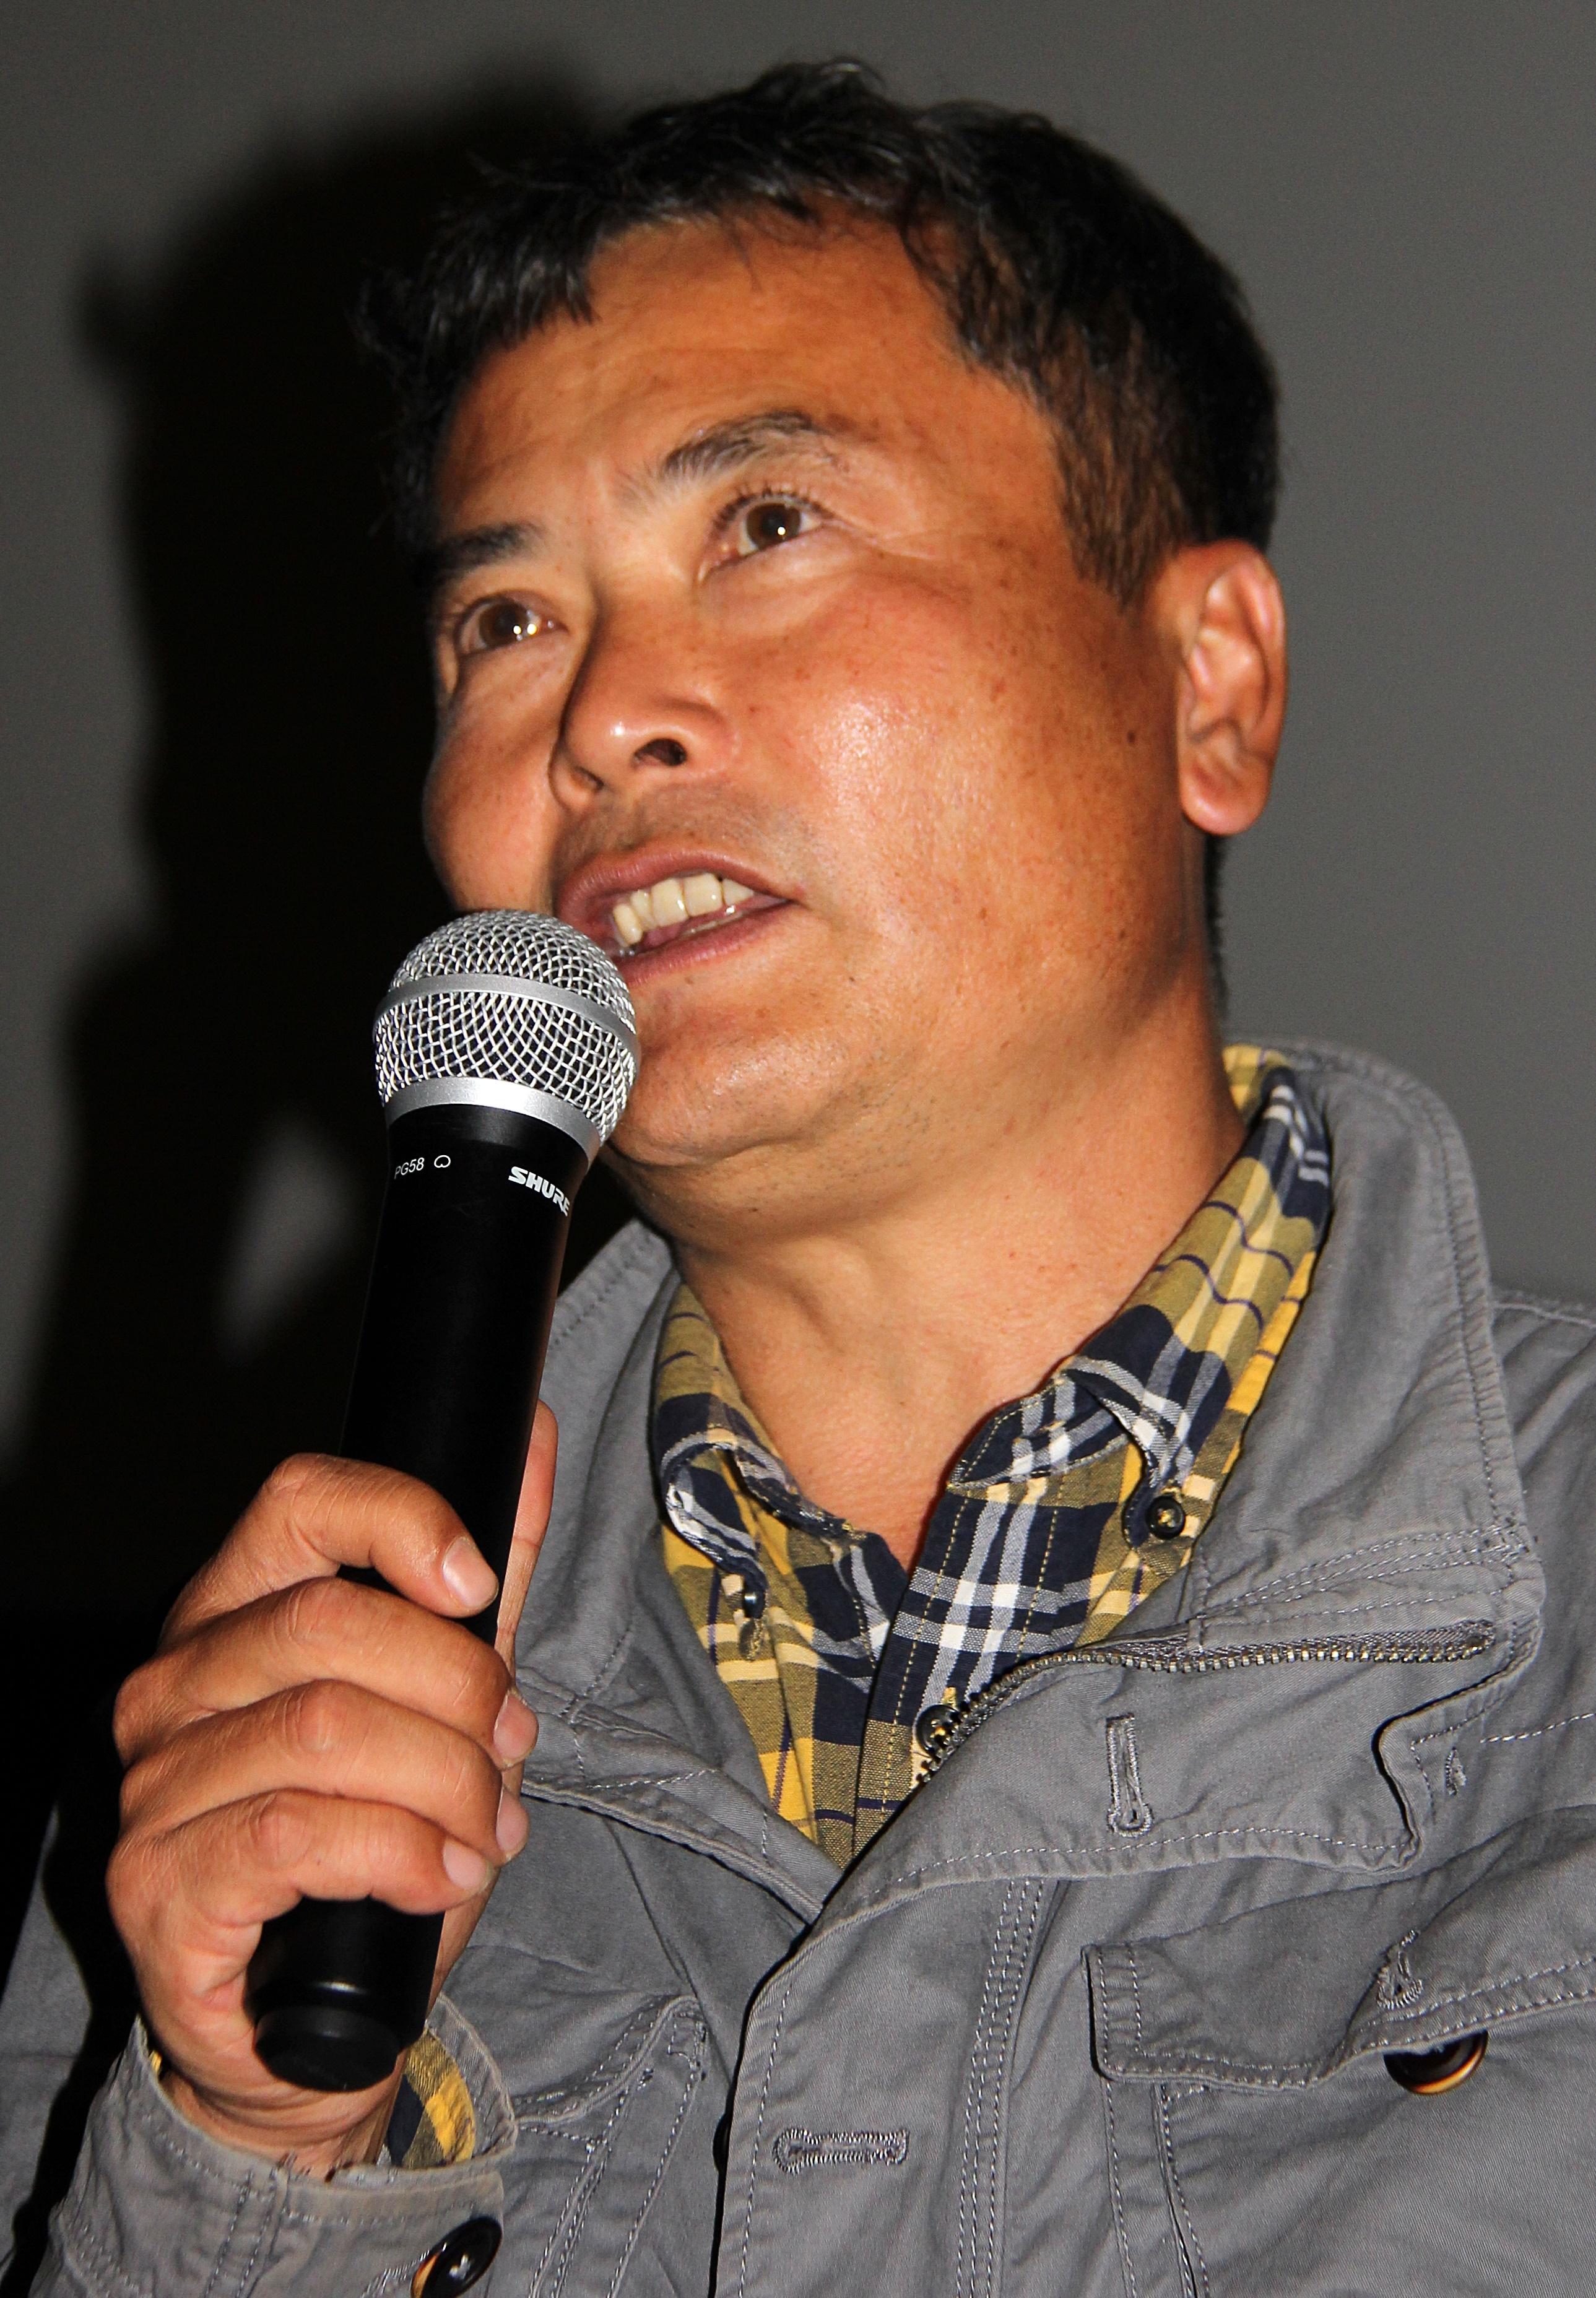 4일, 대전에서 열린 영화 <삽질> 시사회장 스크린 앞에 김종술 오마이뉴스 기자가 관객들과 마주 섰다.